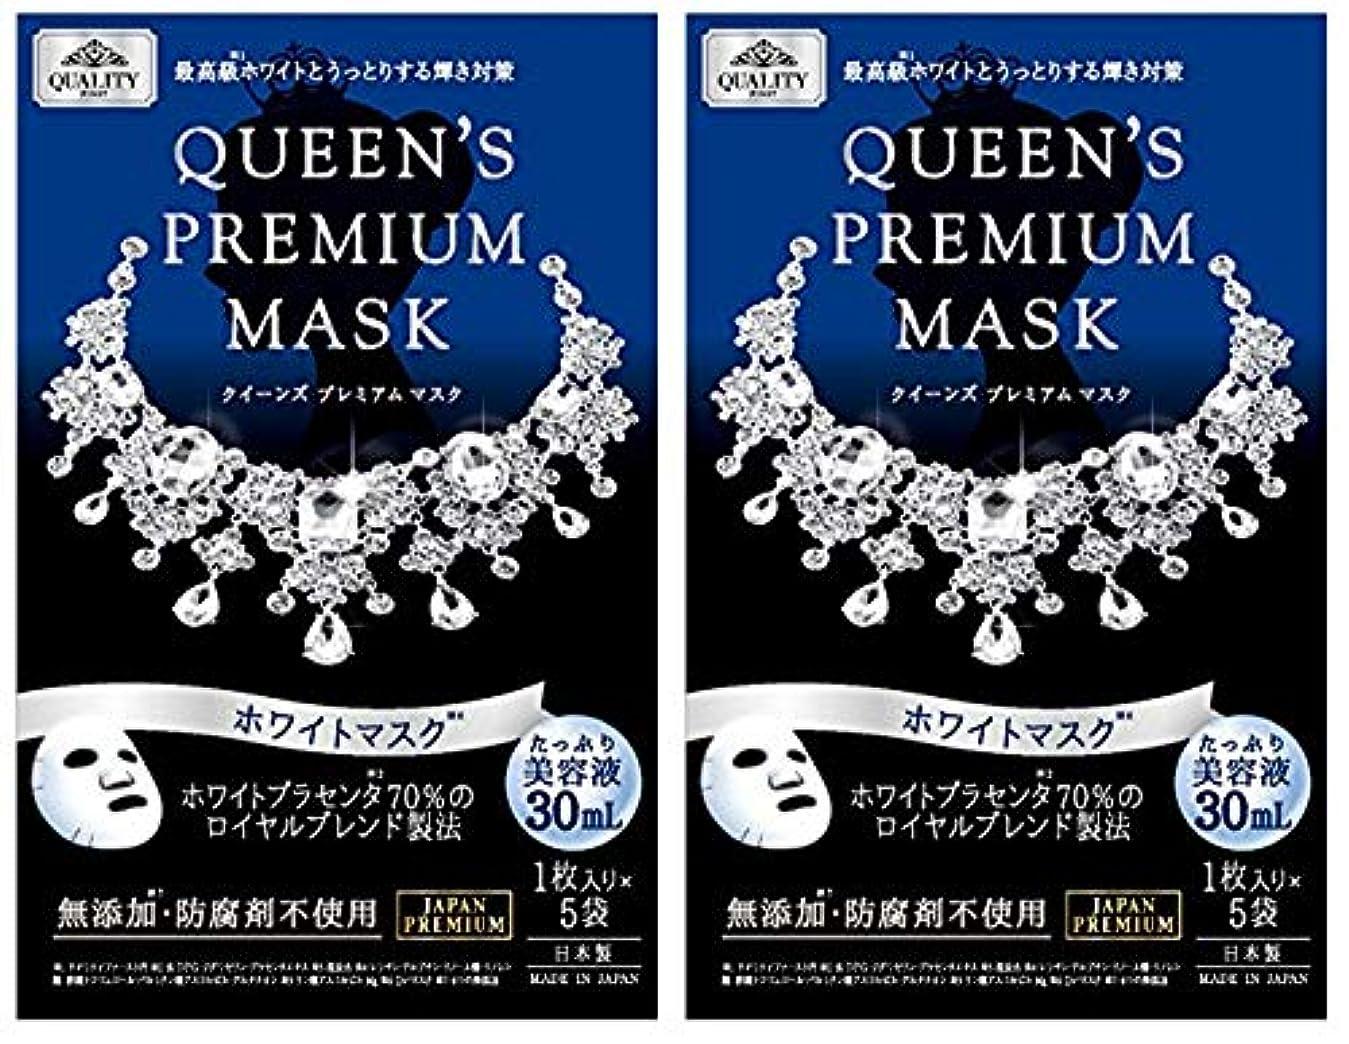 バッチブッシュ楽観的クイーンズプレミアムマスク ホワイトマスク 5枚入 2箱セット